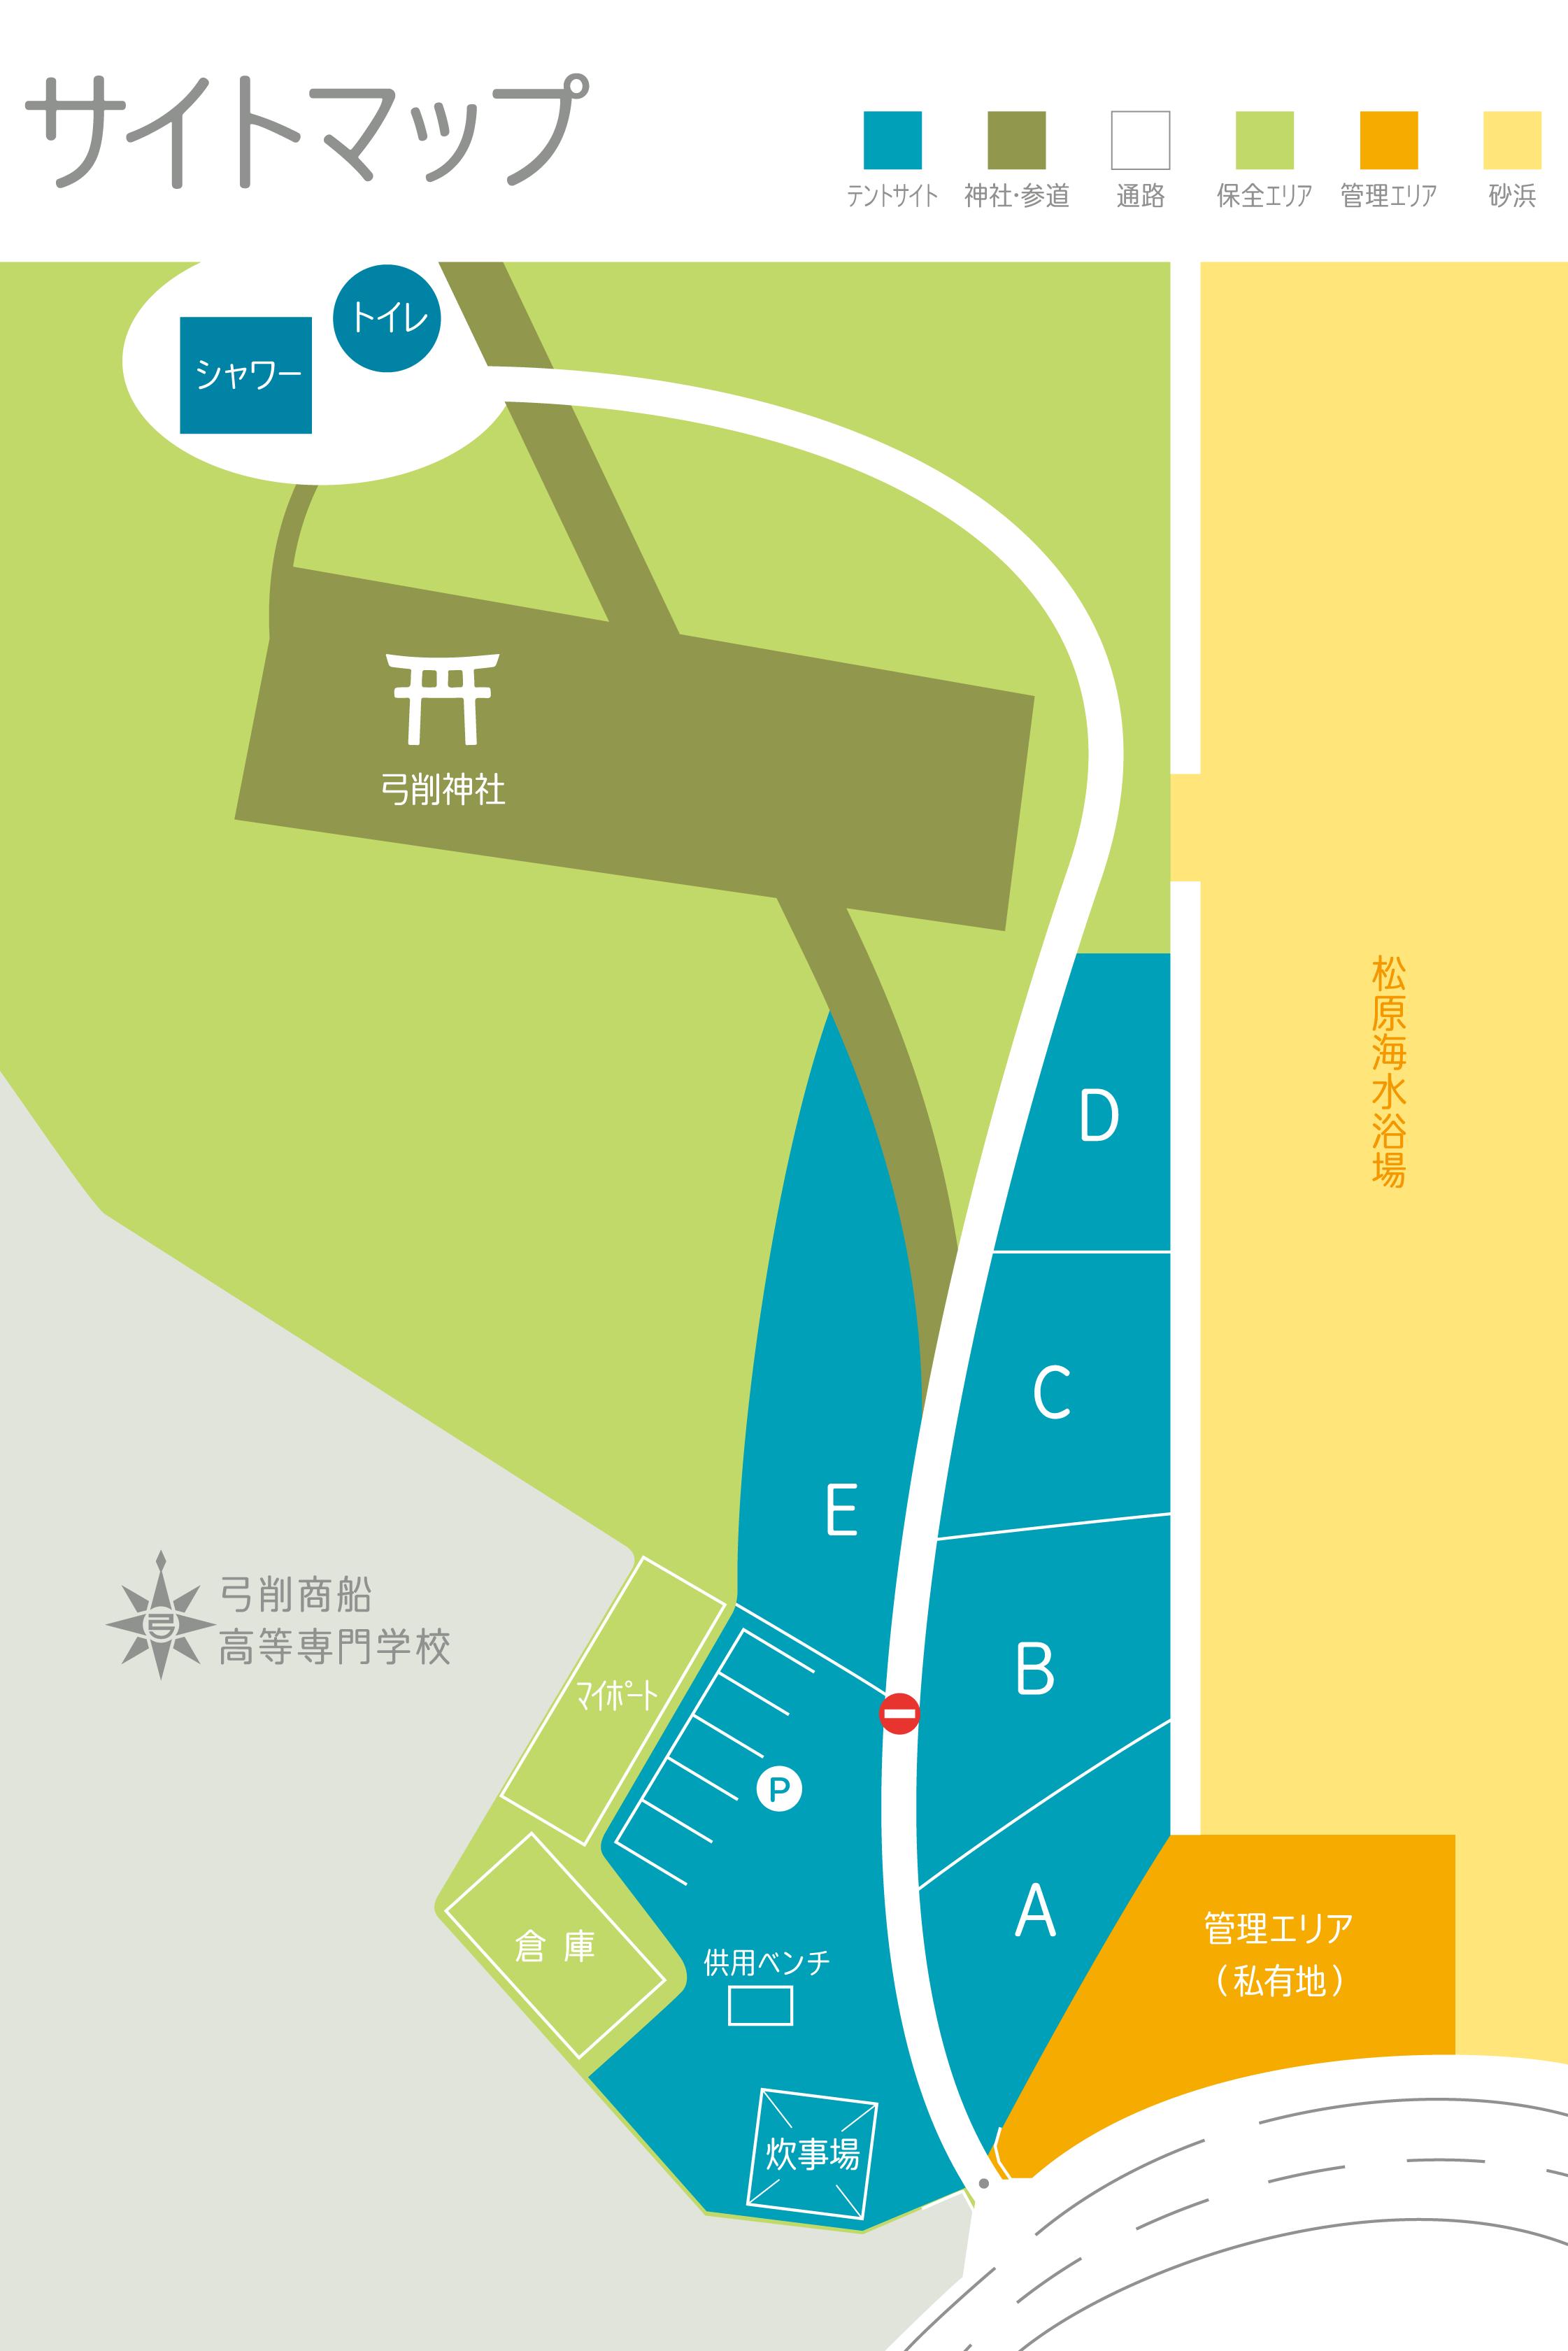 ファミリーキャンプサイトマップ